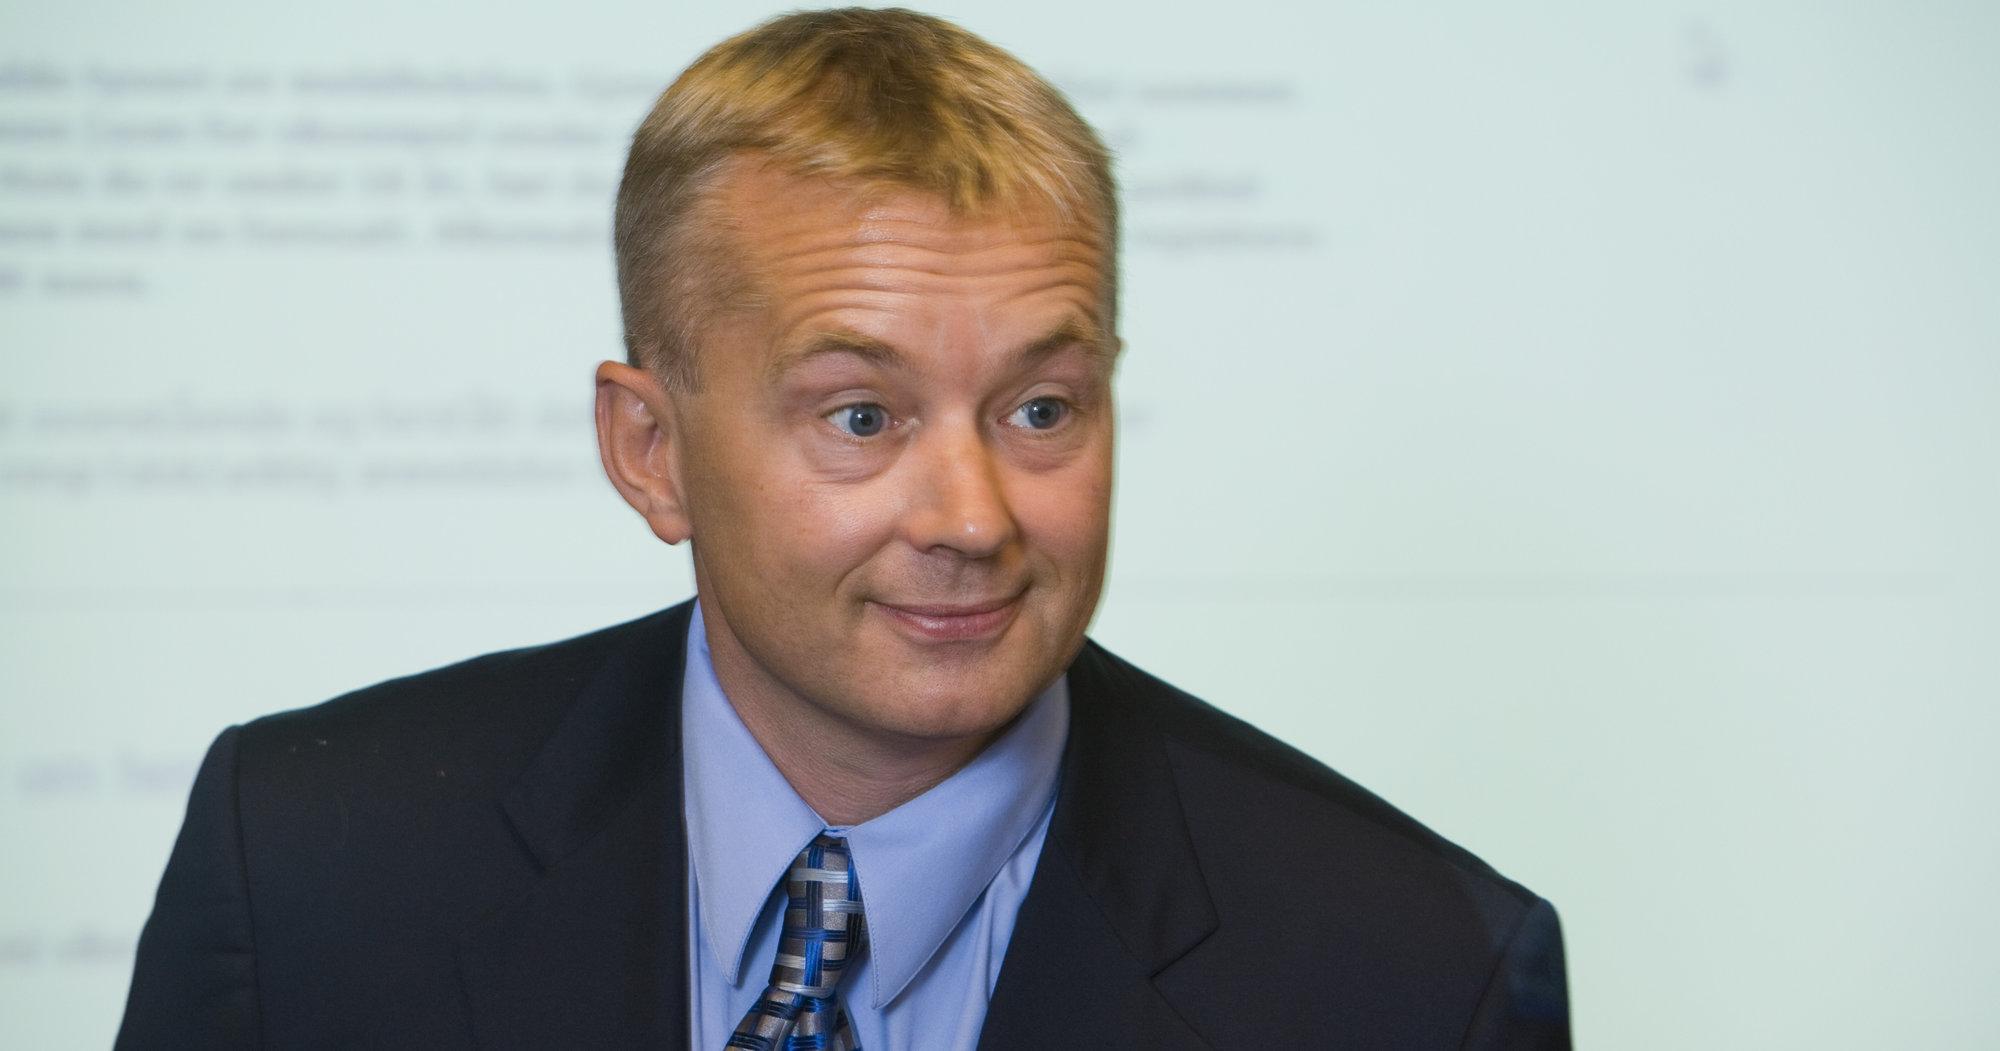 Justisminister Knut Storberget kan glede seg over at Datalagringsdirektivet nå blir vedtatt.